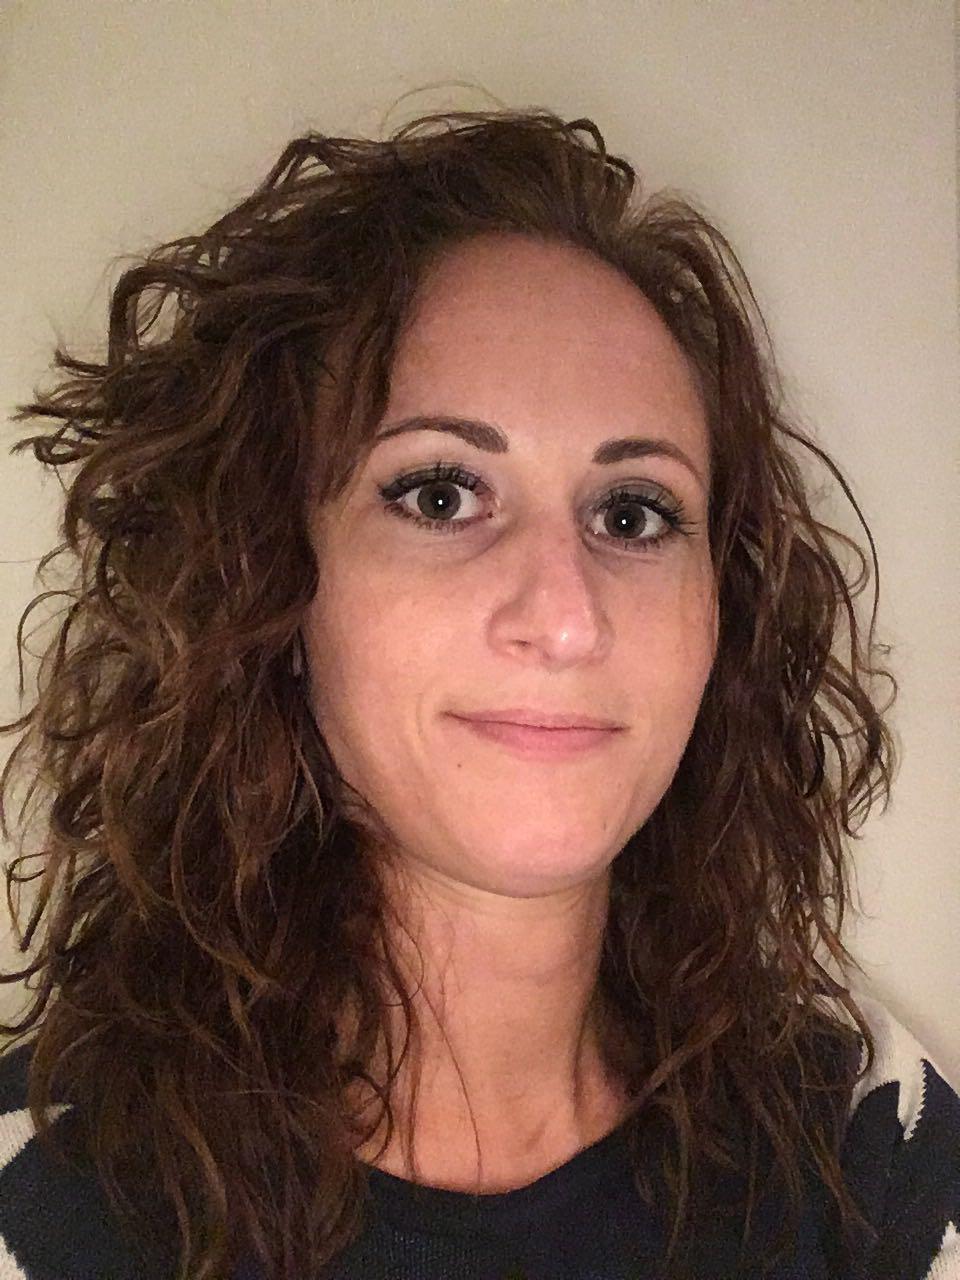 Karina Weel